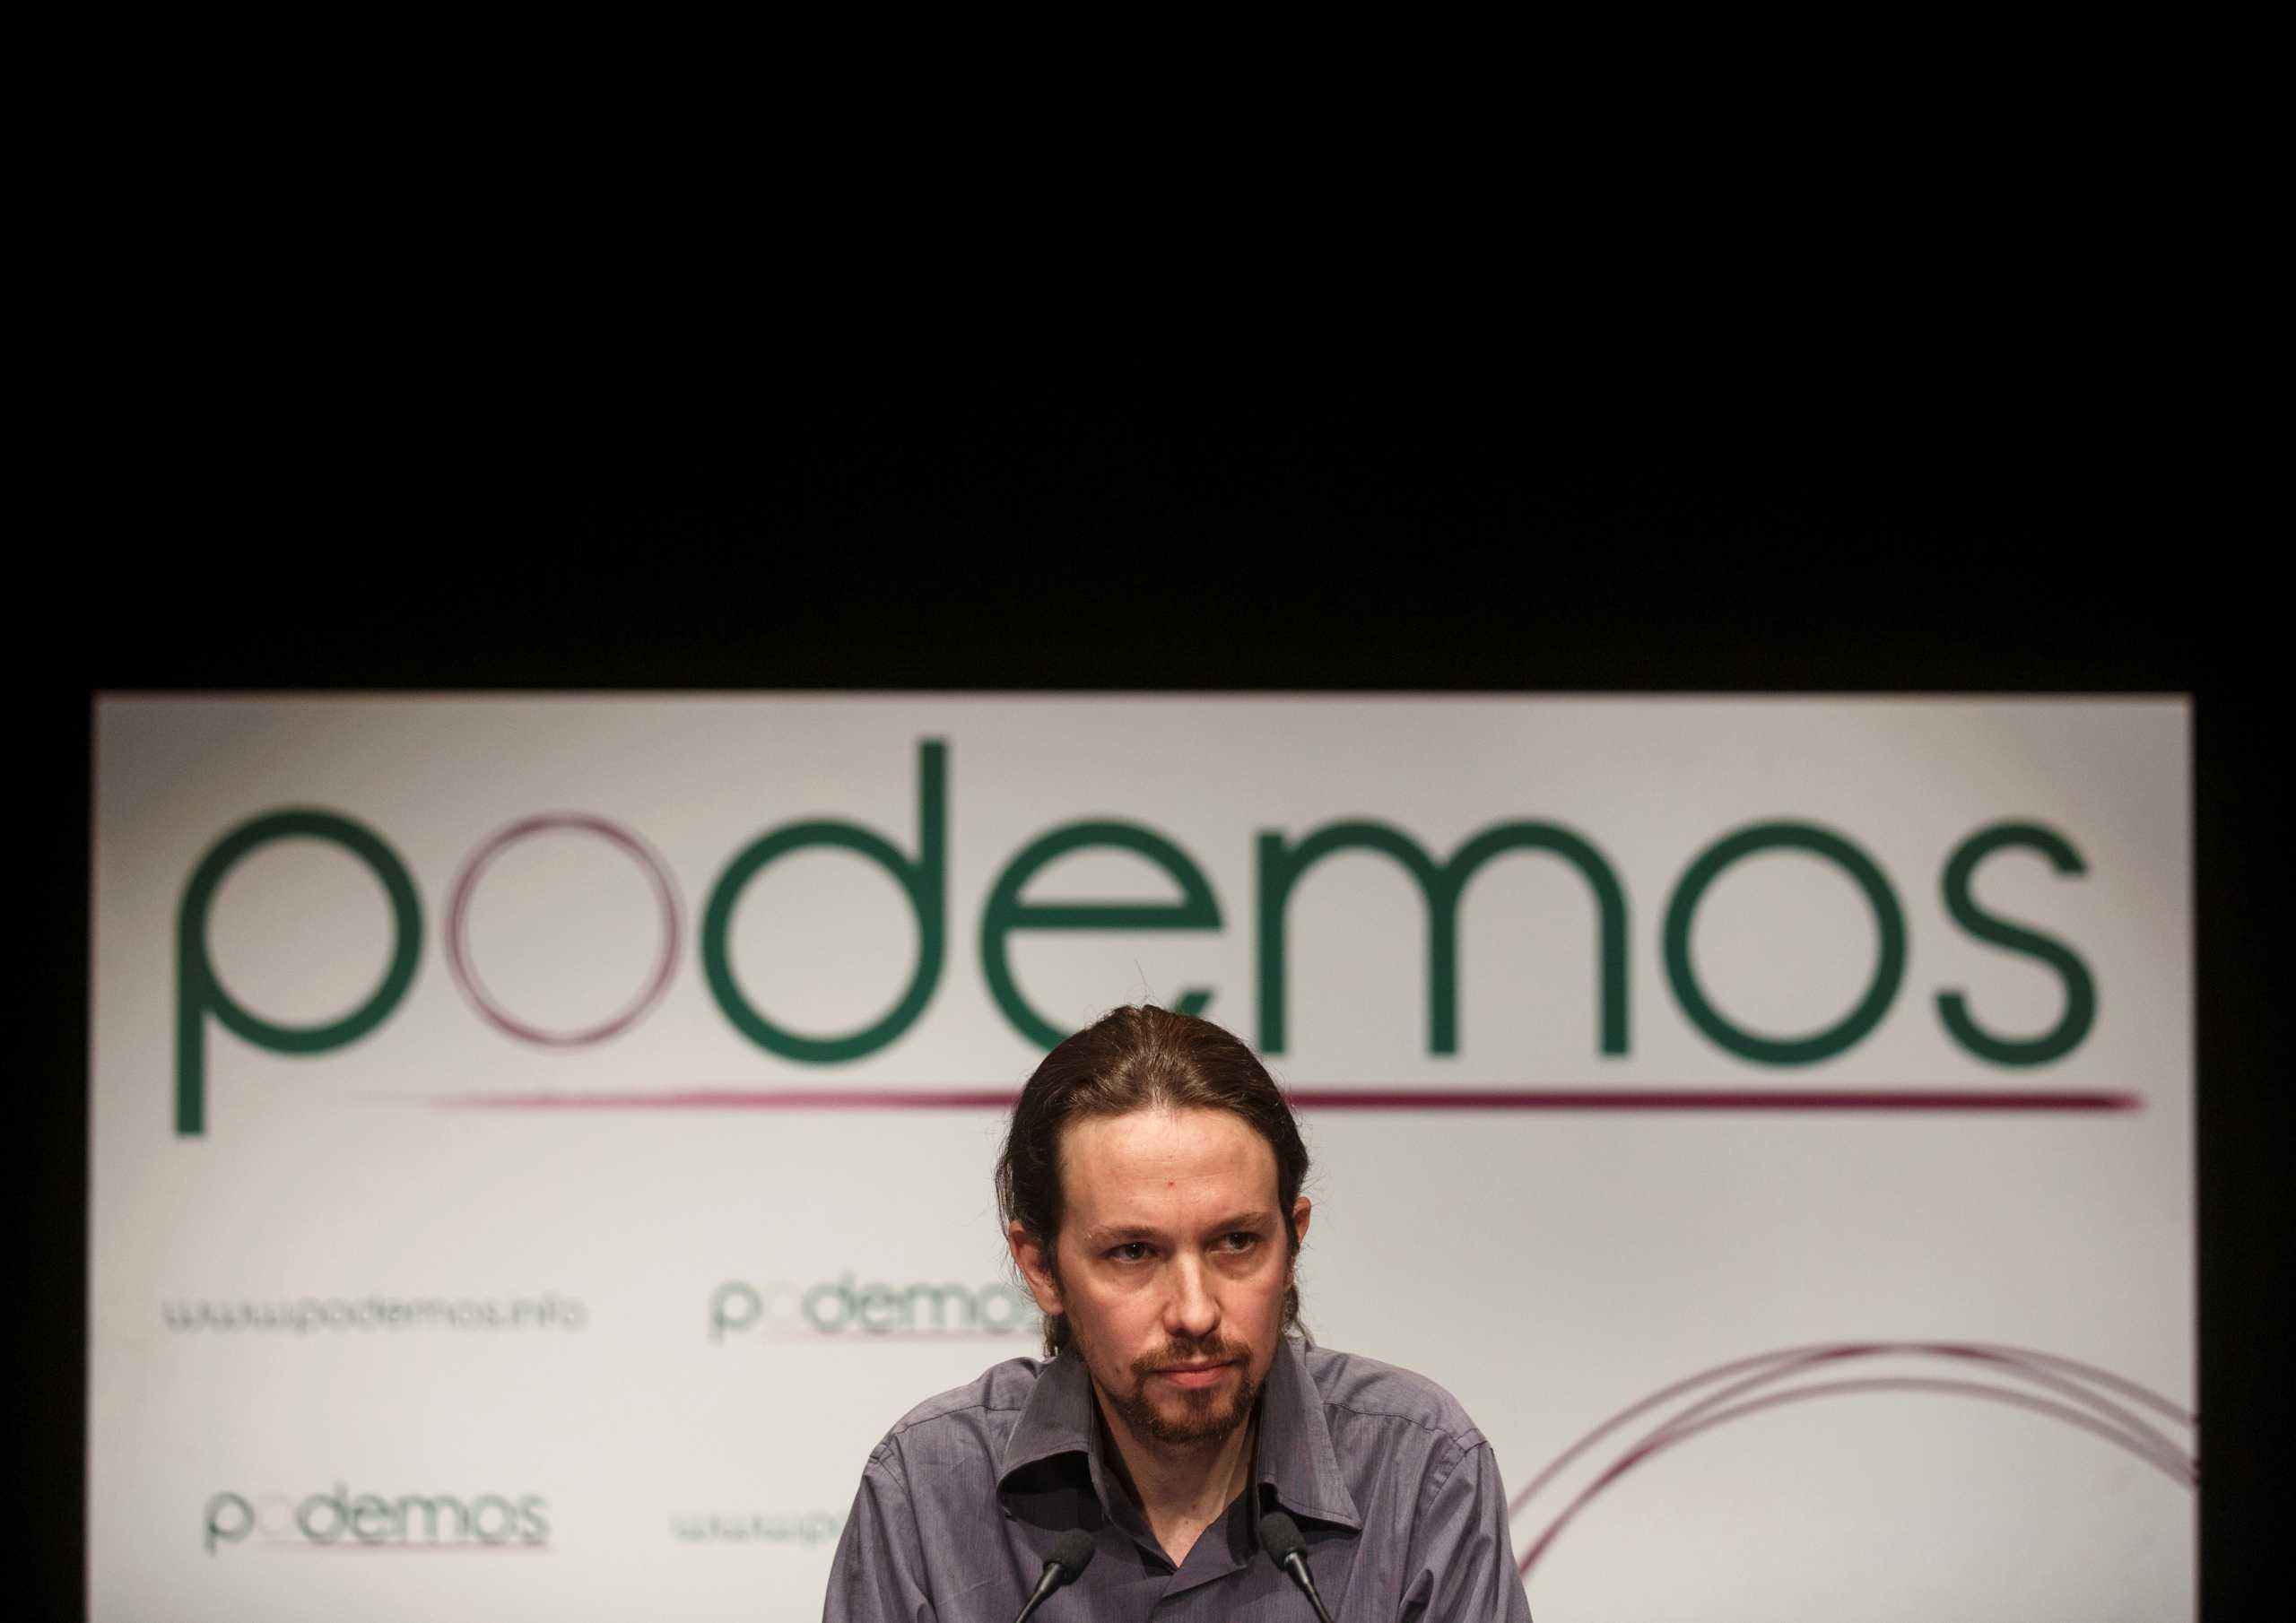 Ισπανία: Ο Πάμπλο Ιγκλέσιας εγκαταλείπει την πολιτική μετά την ήττα των Podemos στη Μαδρίτη